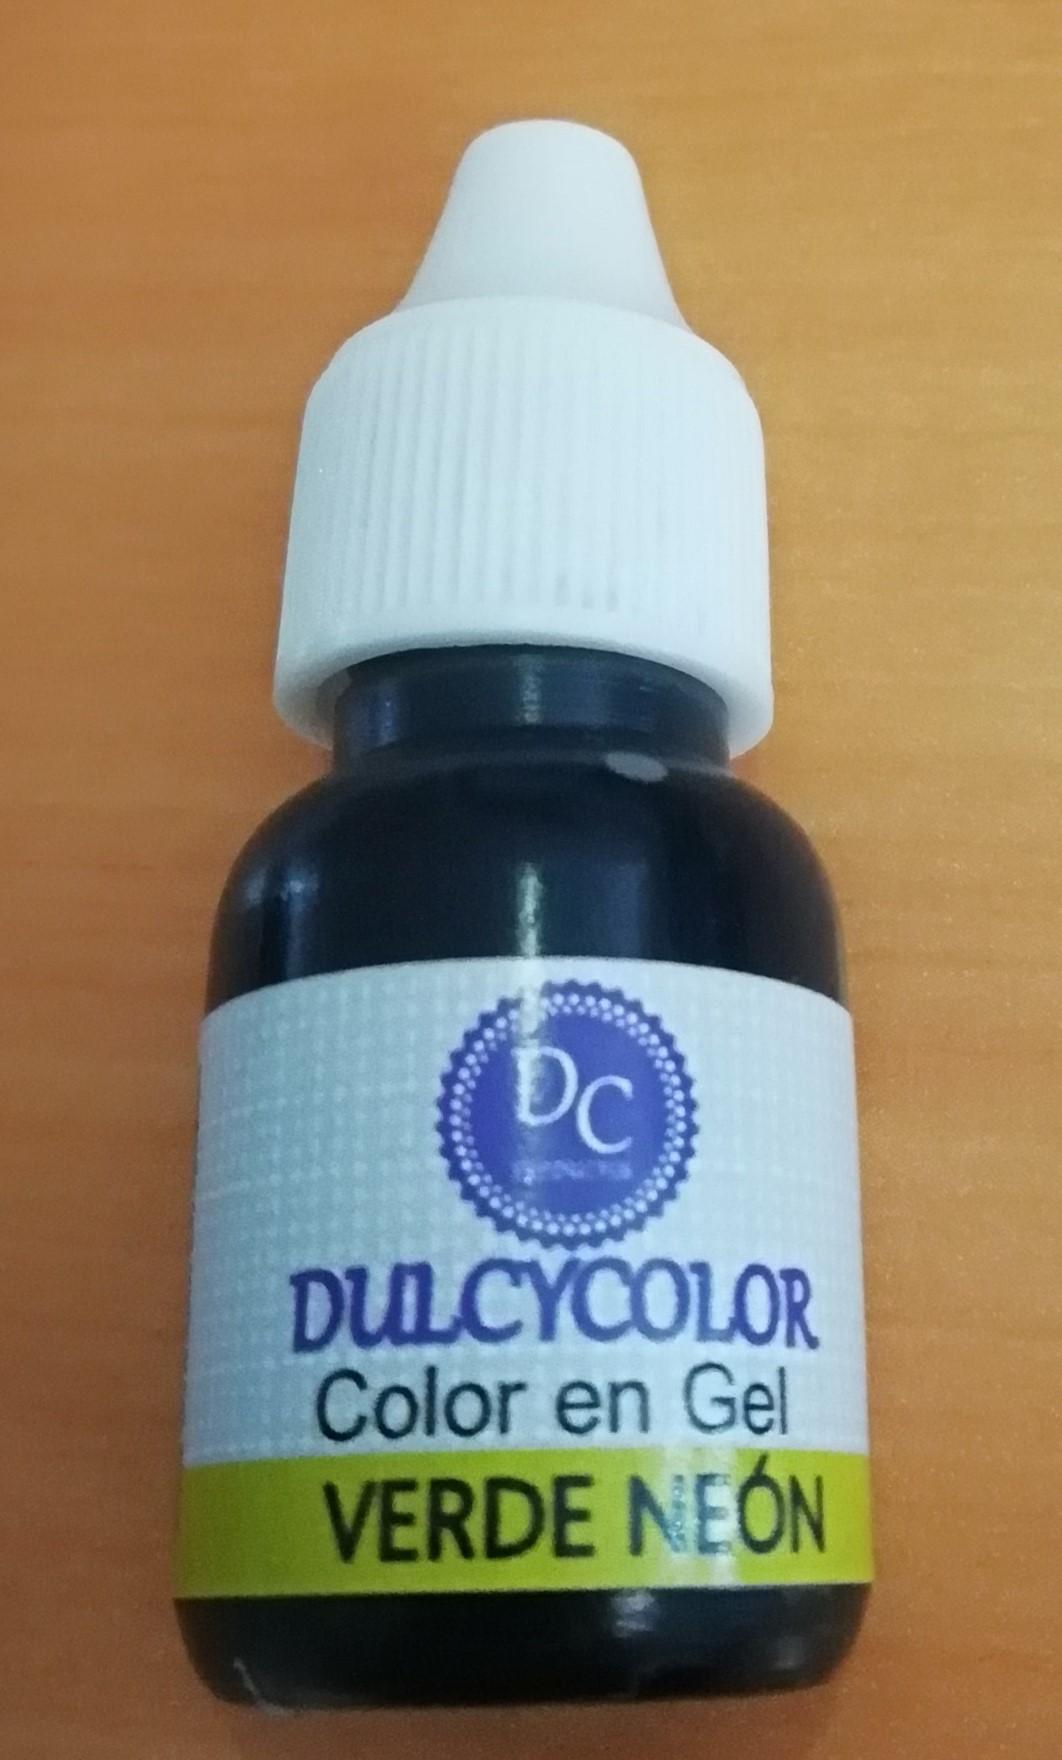 DCC Color vegetal Dulcycolor Verde Neón 10 ml